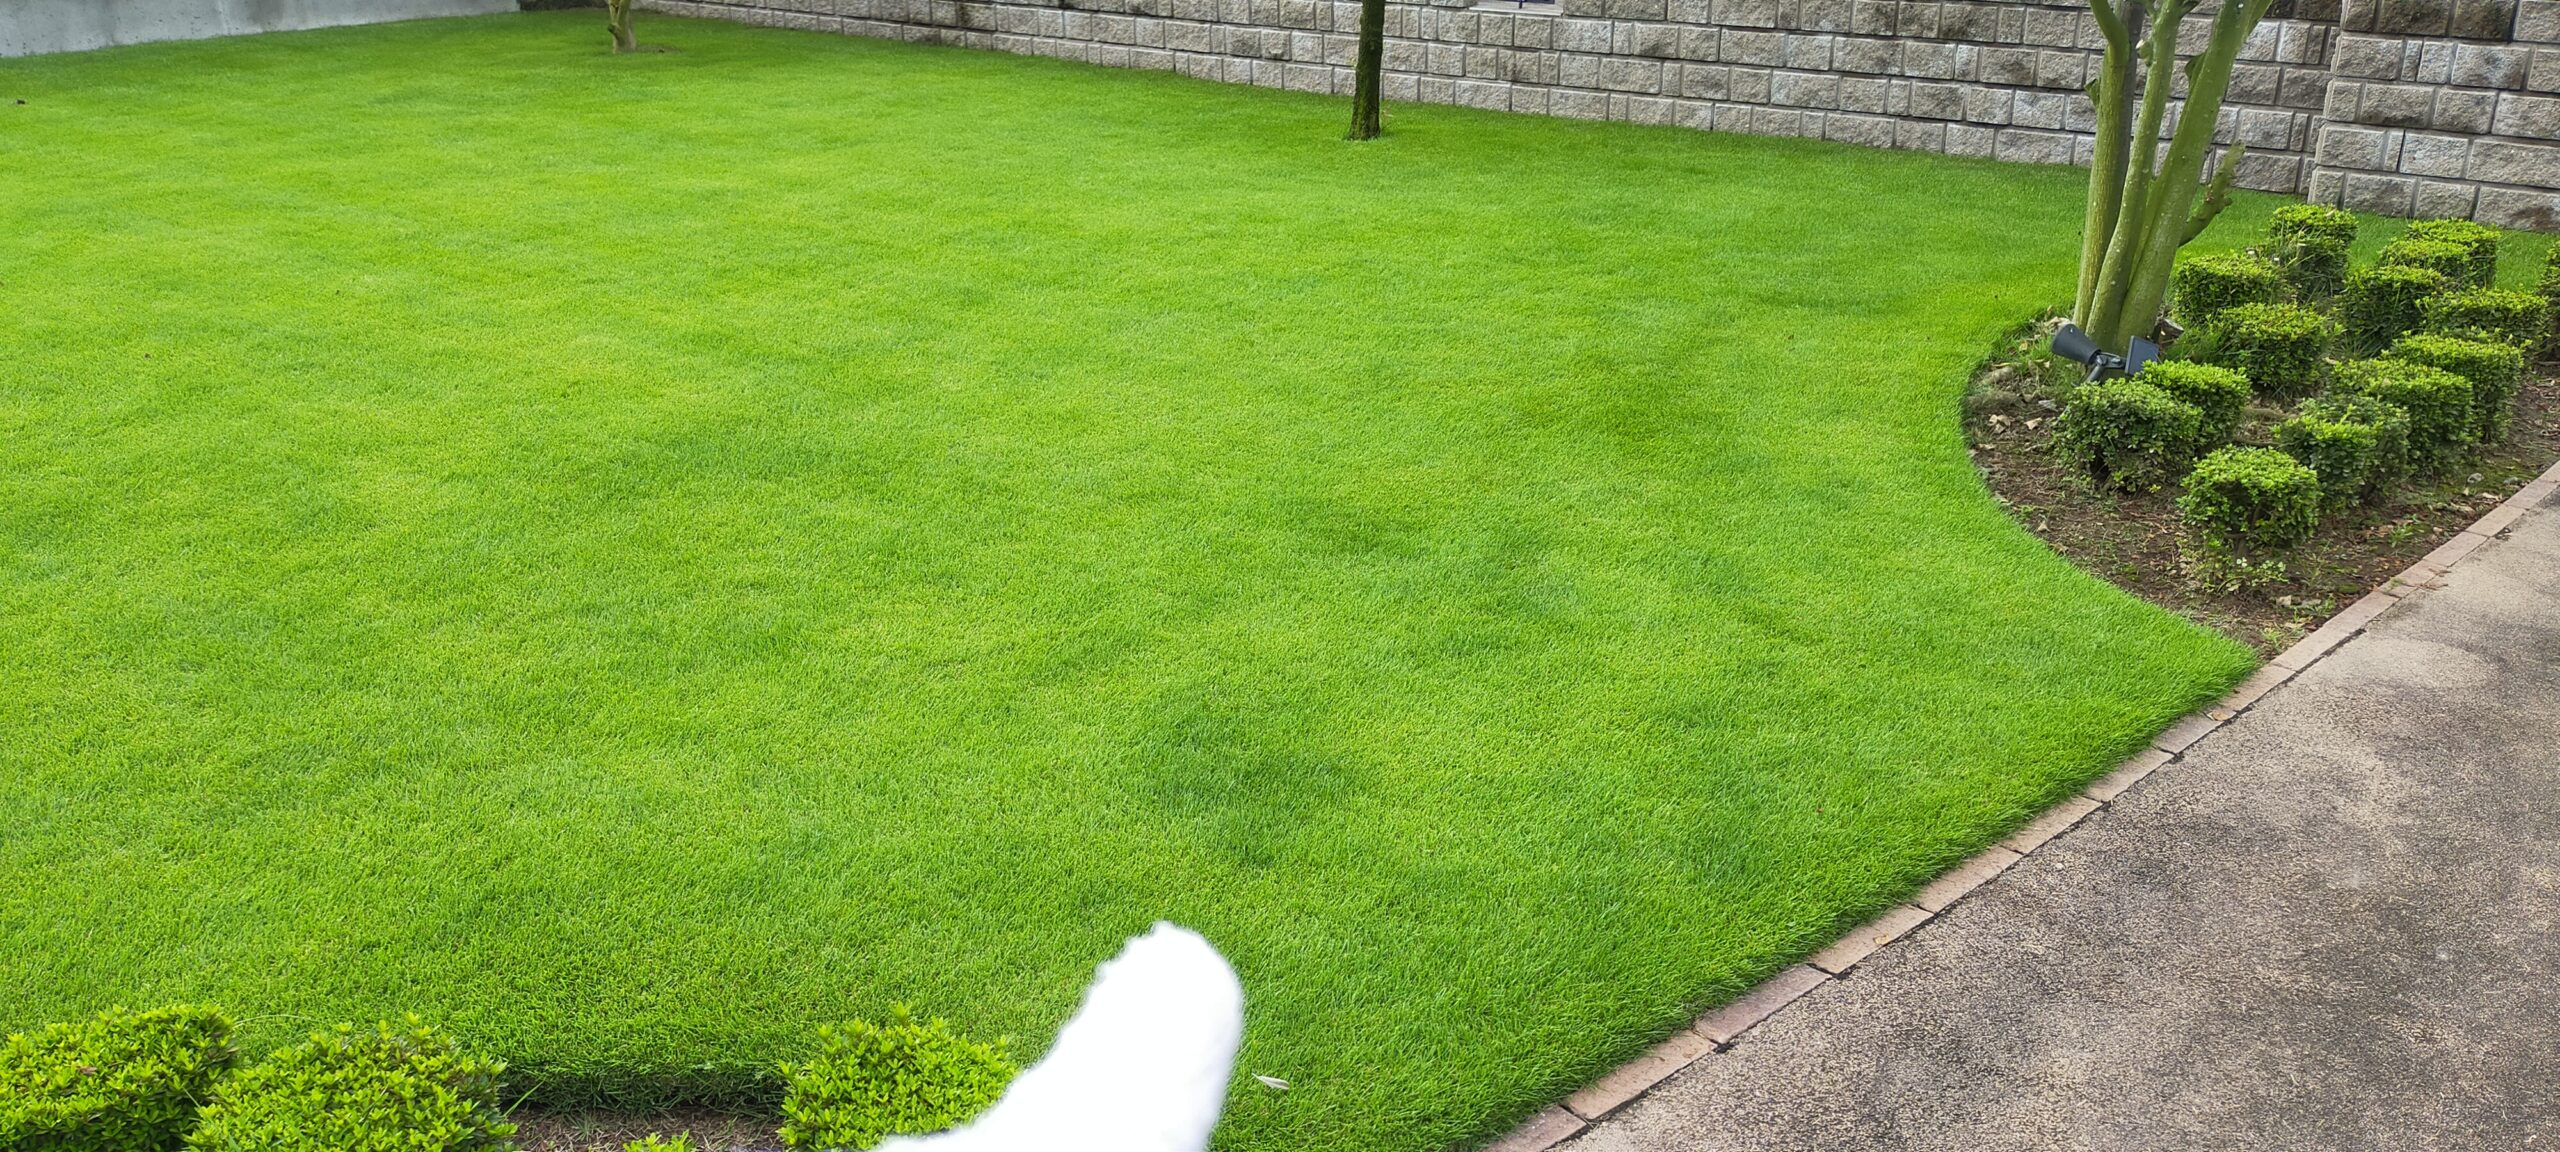 芝生の肥料ムラに気を付けよう😄✨【stand.fm】